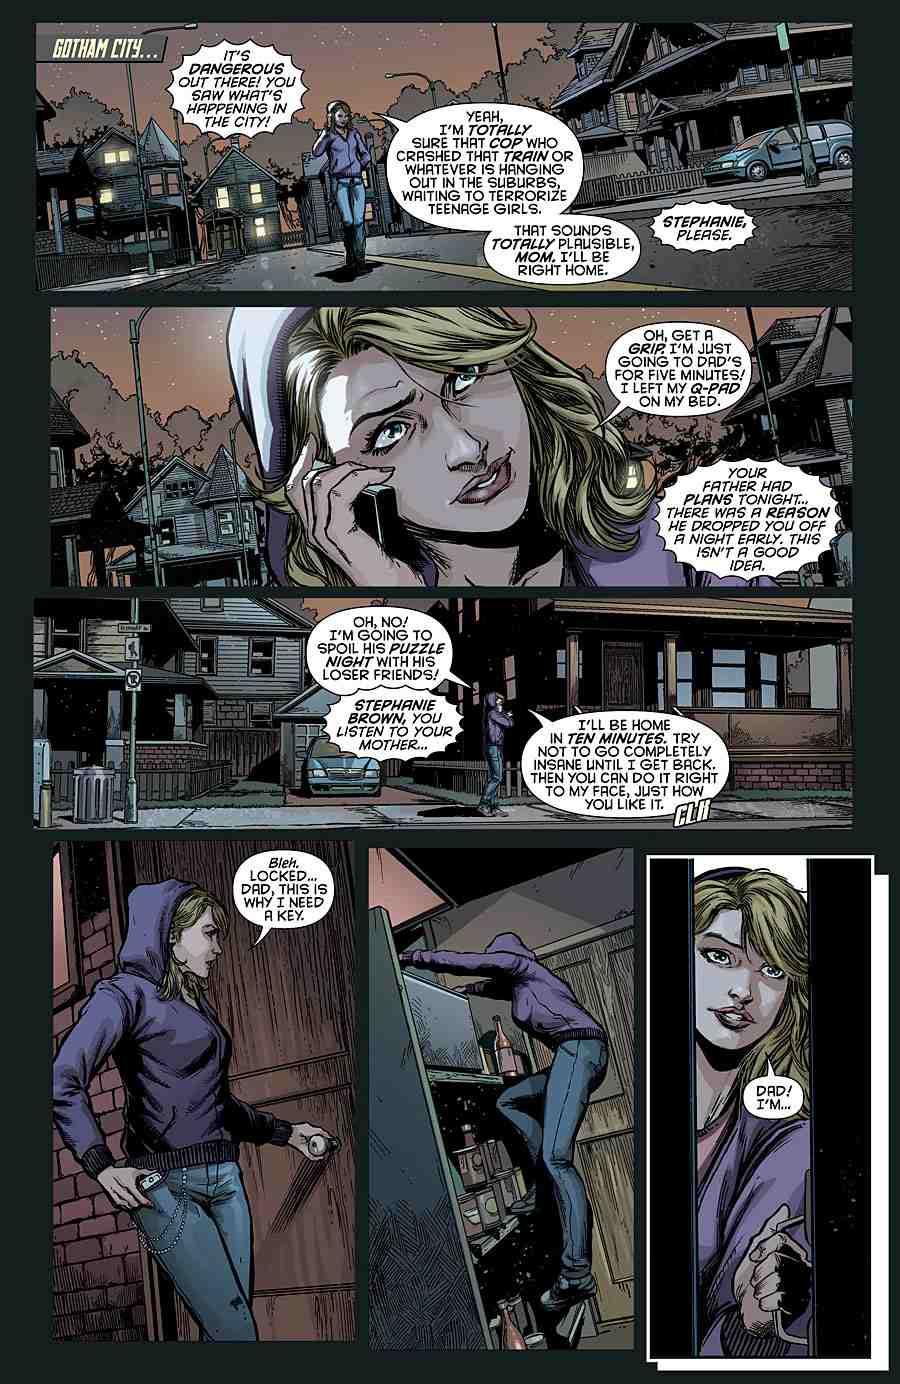 BMETRL 3 1 e622b Batman: Eternal #3 Review